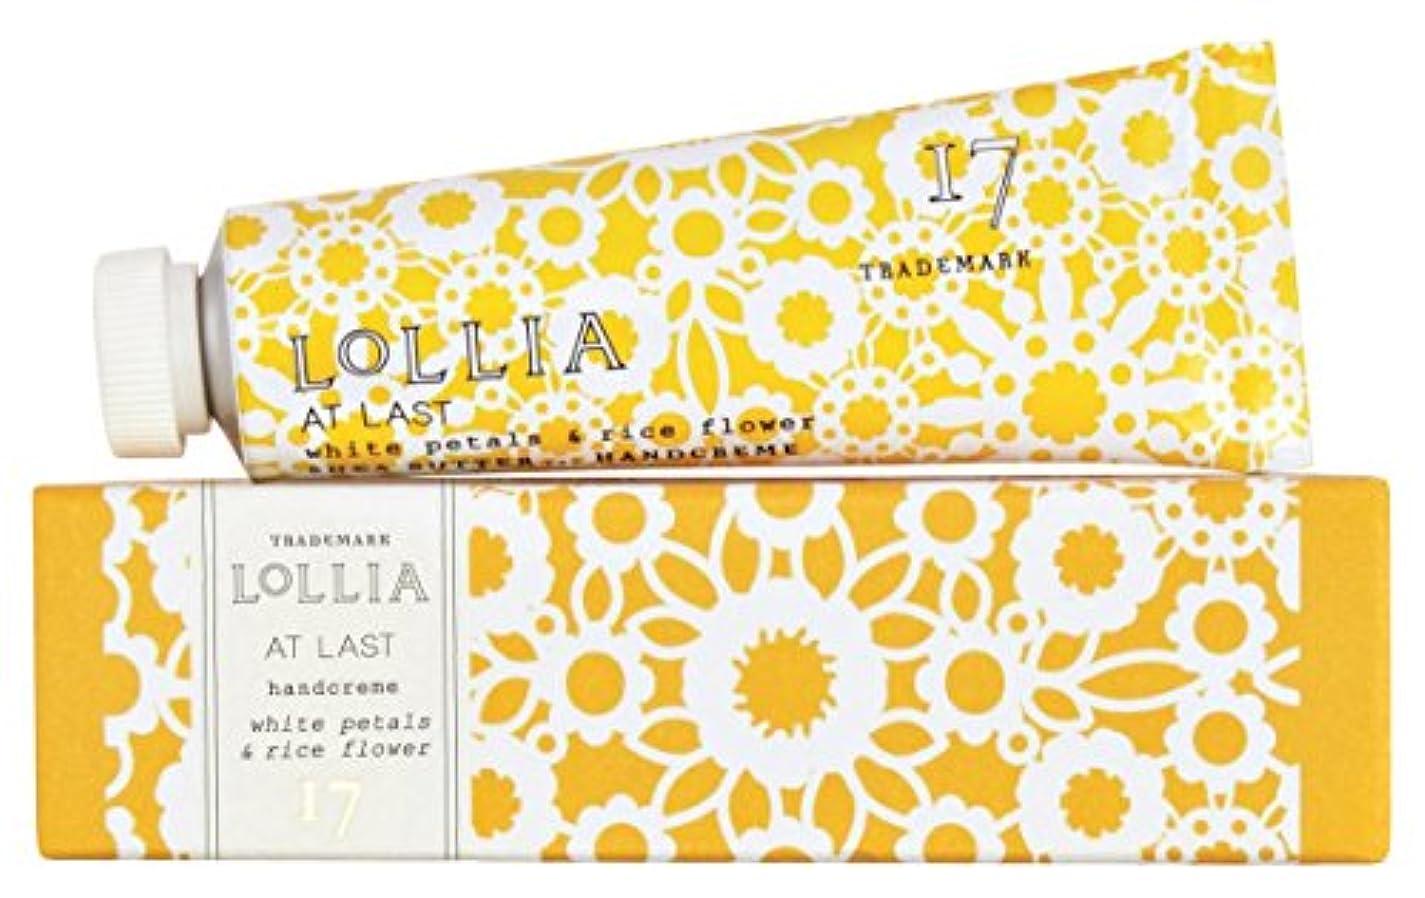 踏み台繕う胚芽ロリア(LoLLIA) ミニハンドクリーム AtLast 9.3g (ライスフラワー、マグノリアとミモザの柔らかな花々の香り)